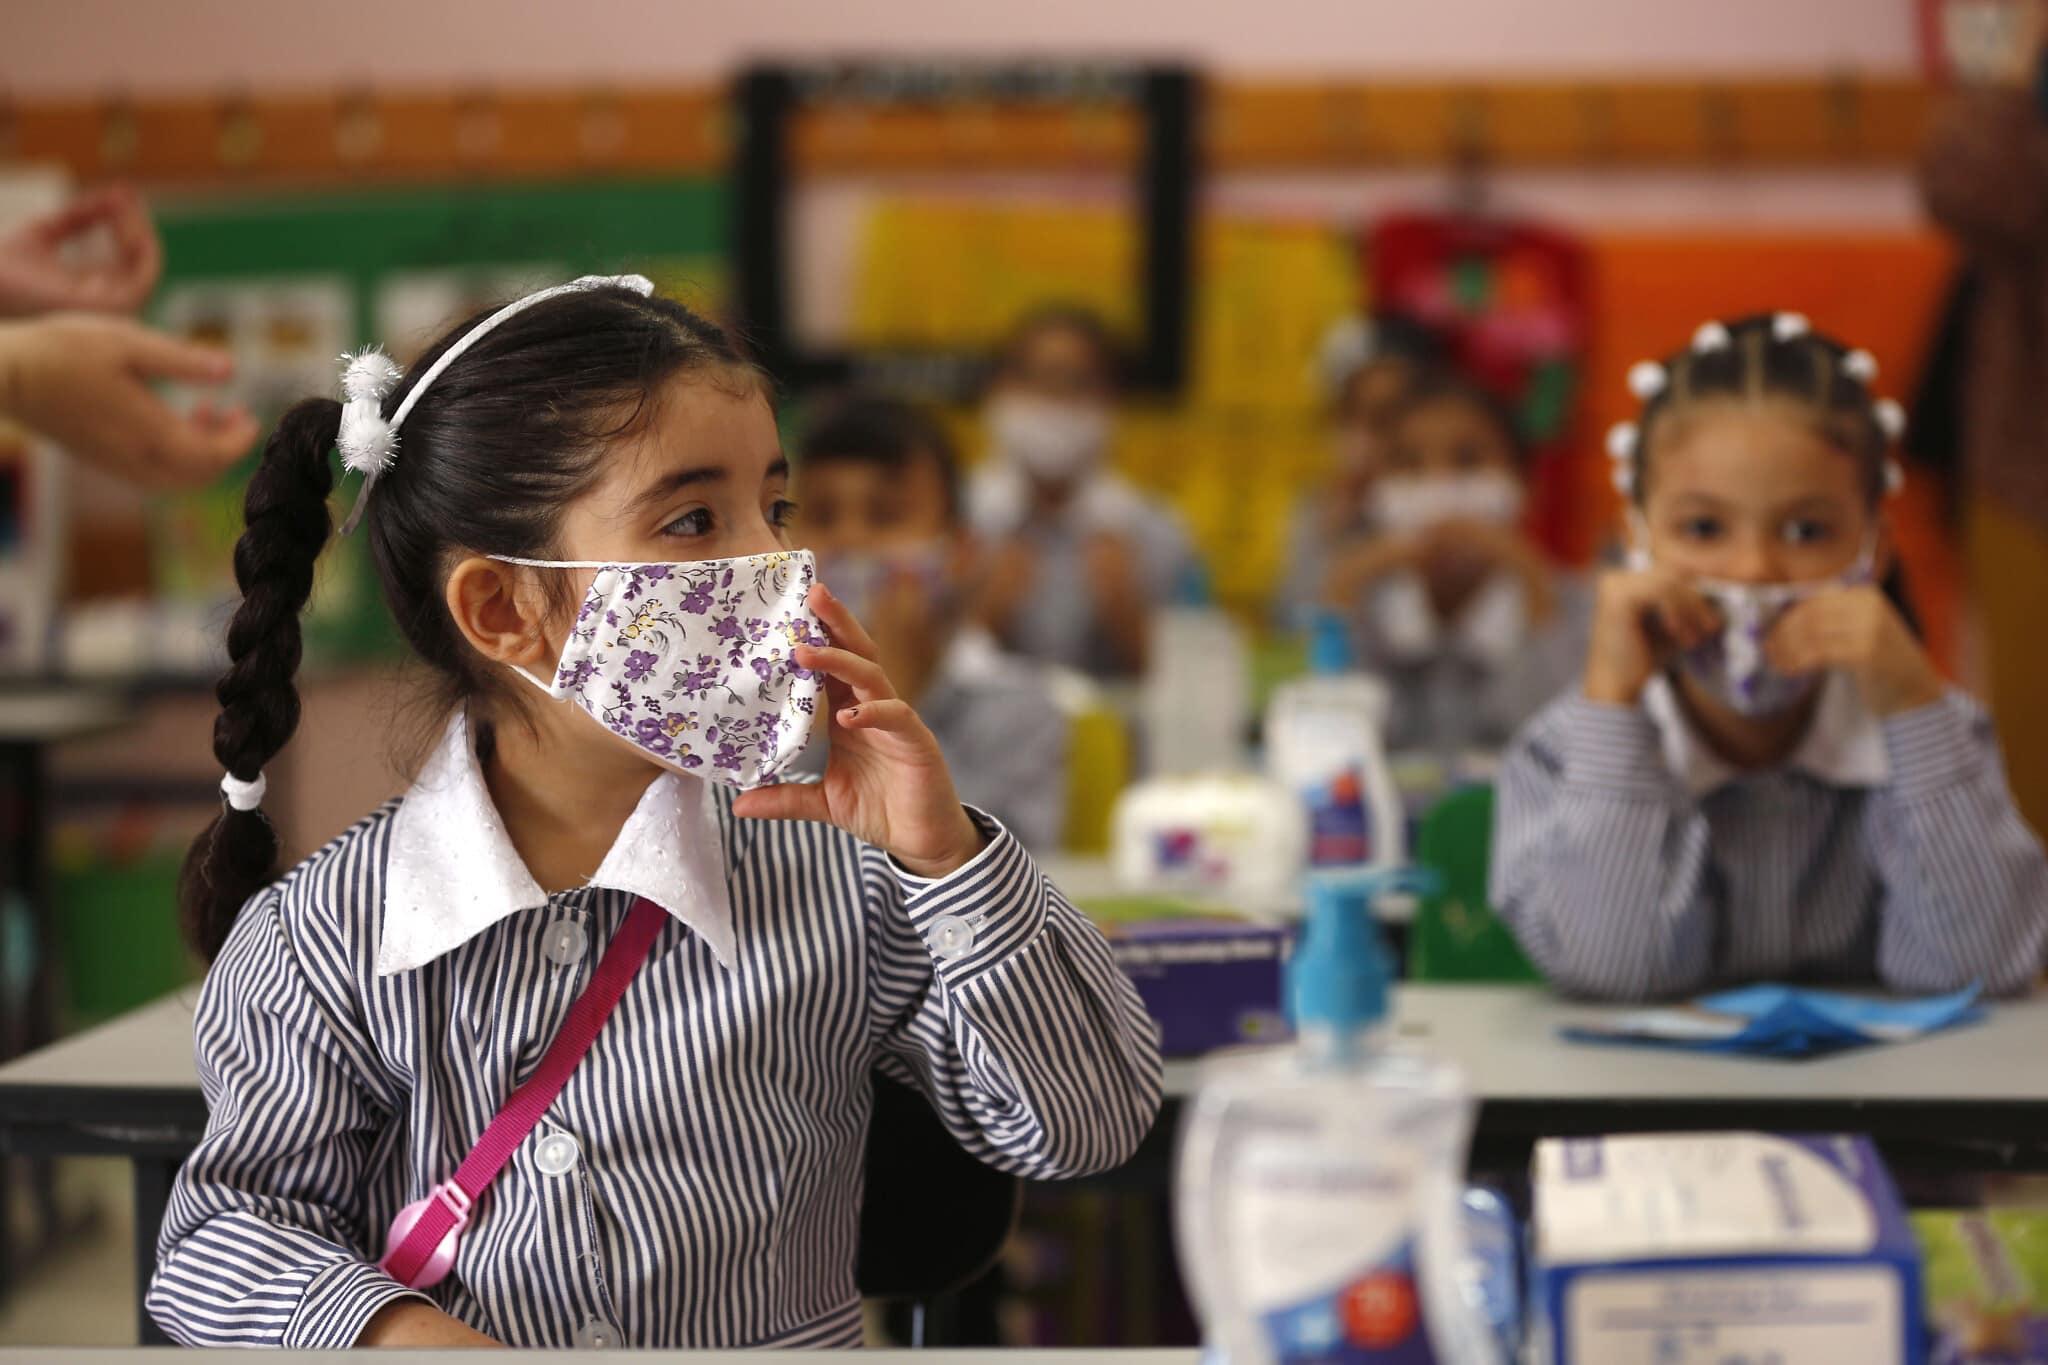 """אילוסטרציה, תלמידות עם מסכות ביום הראשון ללימודים בבית ספר של האו""""ם ברמאללה, 6 בספטמבר 2020 (צילום: AP Photo/Majdi Mohammed)"""